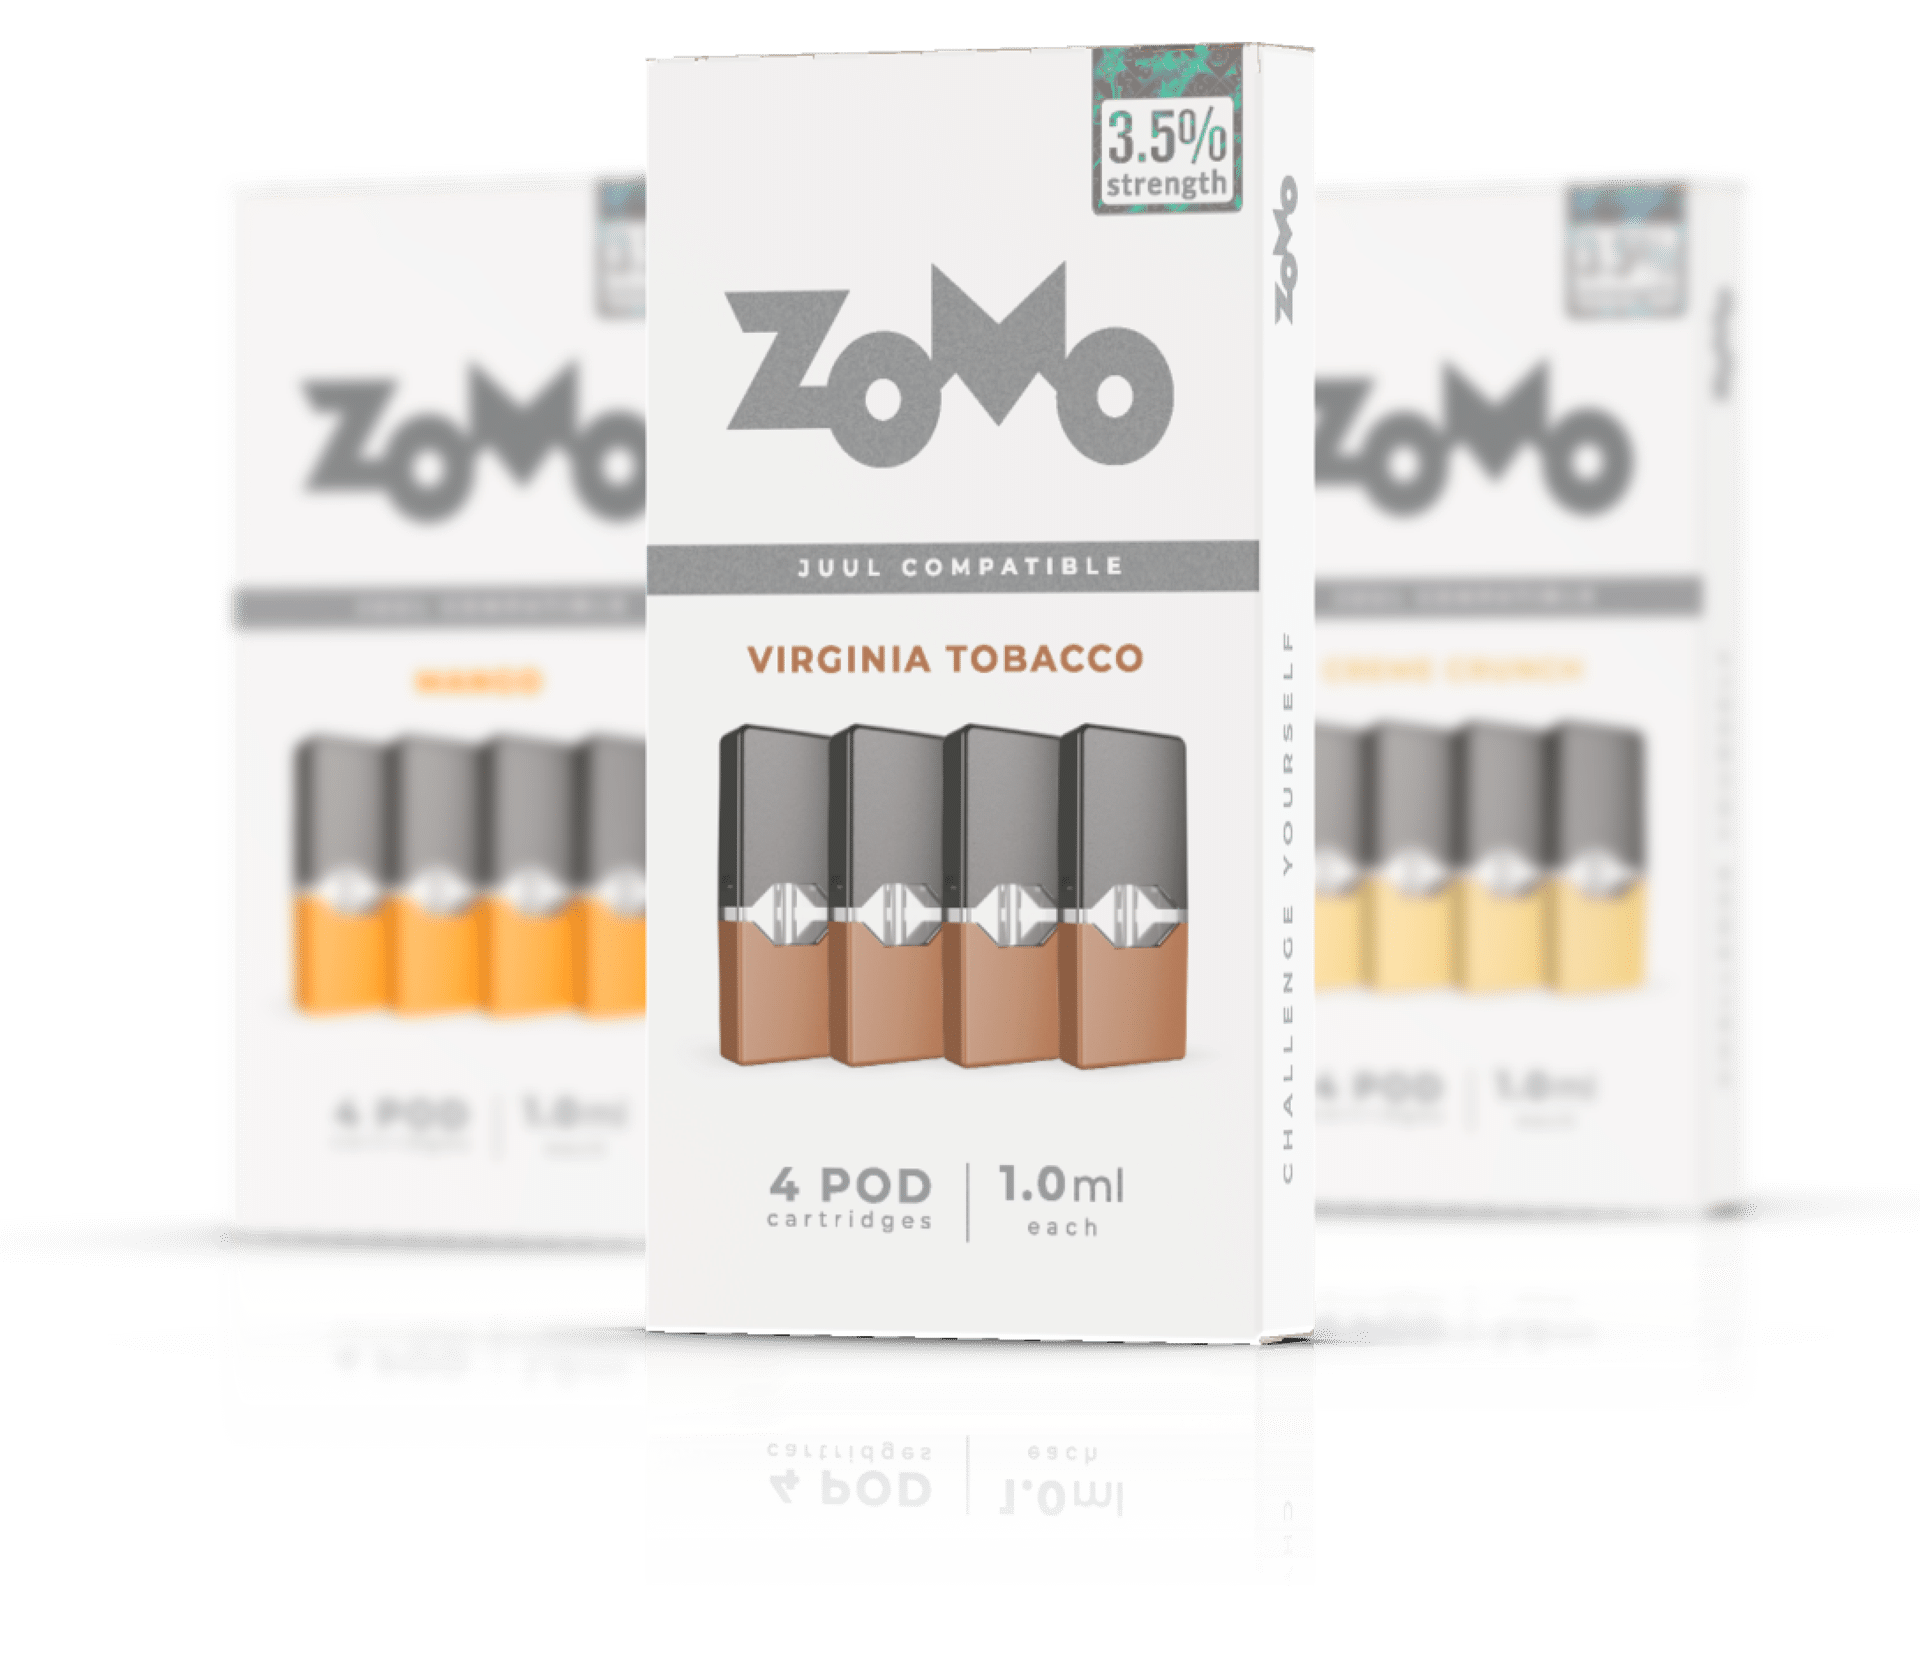 Virginia Tobacco imagem da embalagem deste produto